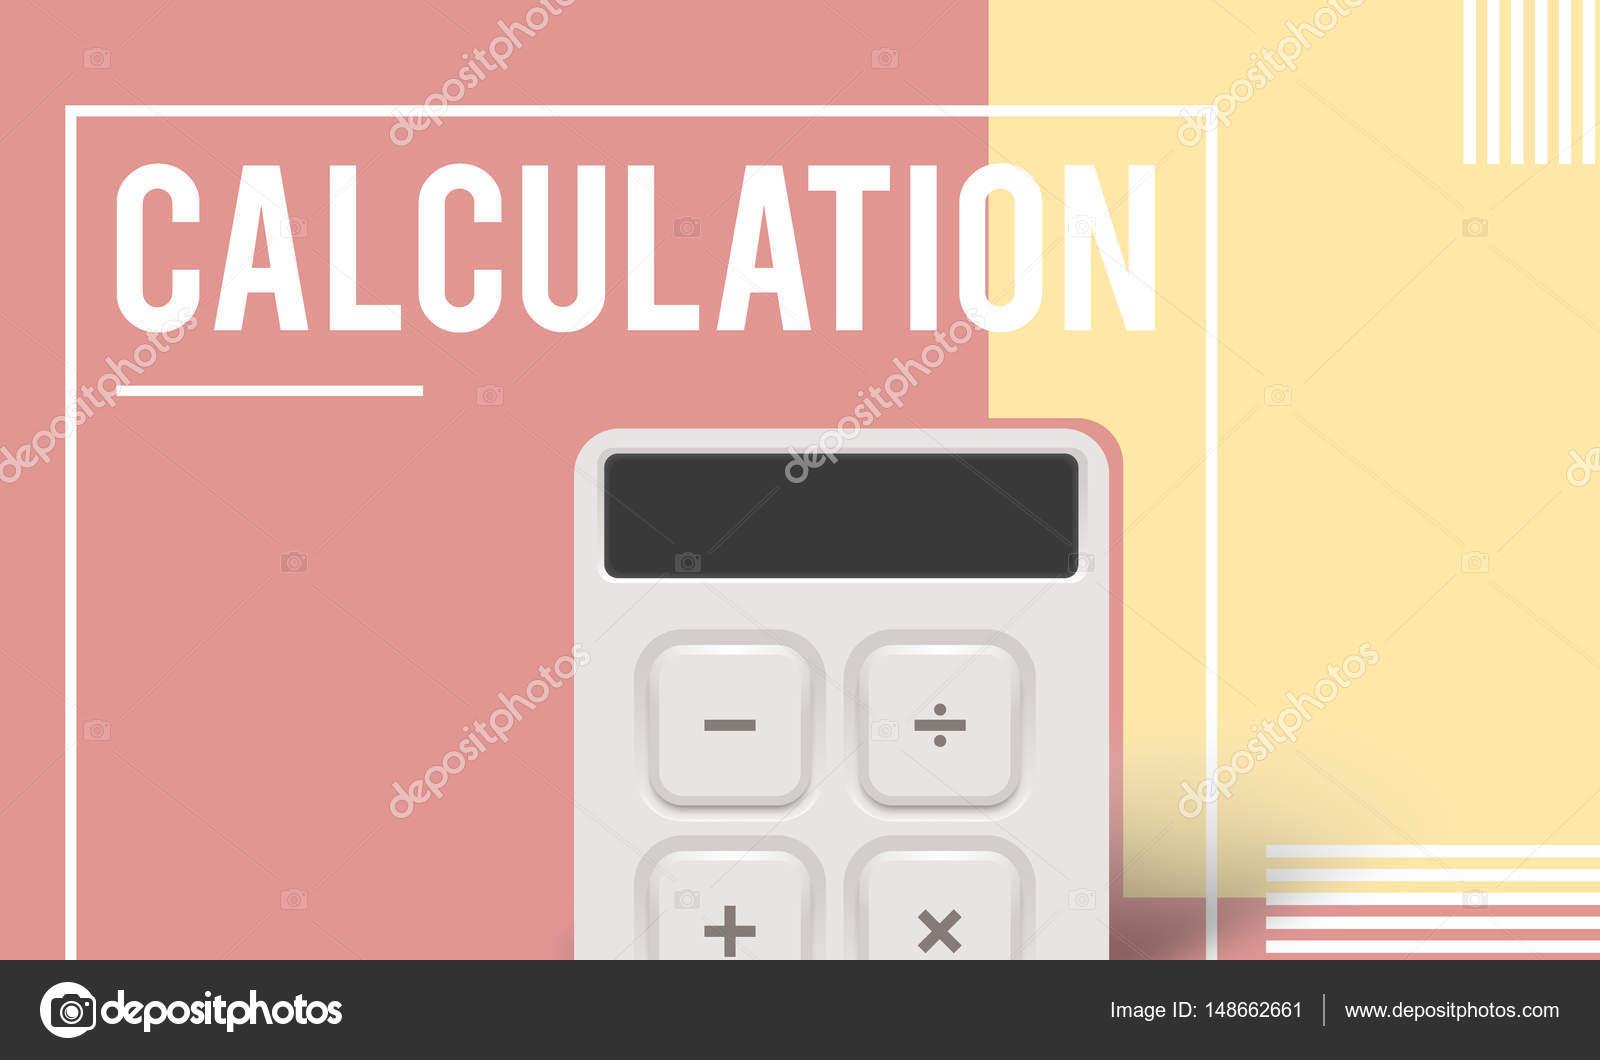 plantilla con concepto de cálculo — Foto de stock © Rawpixel #148662661